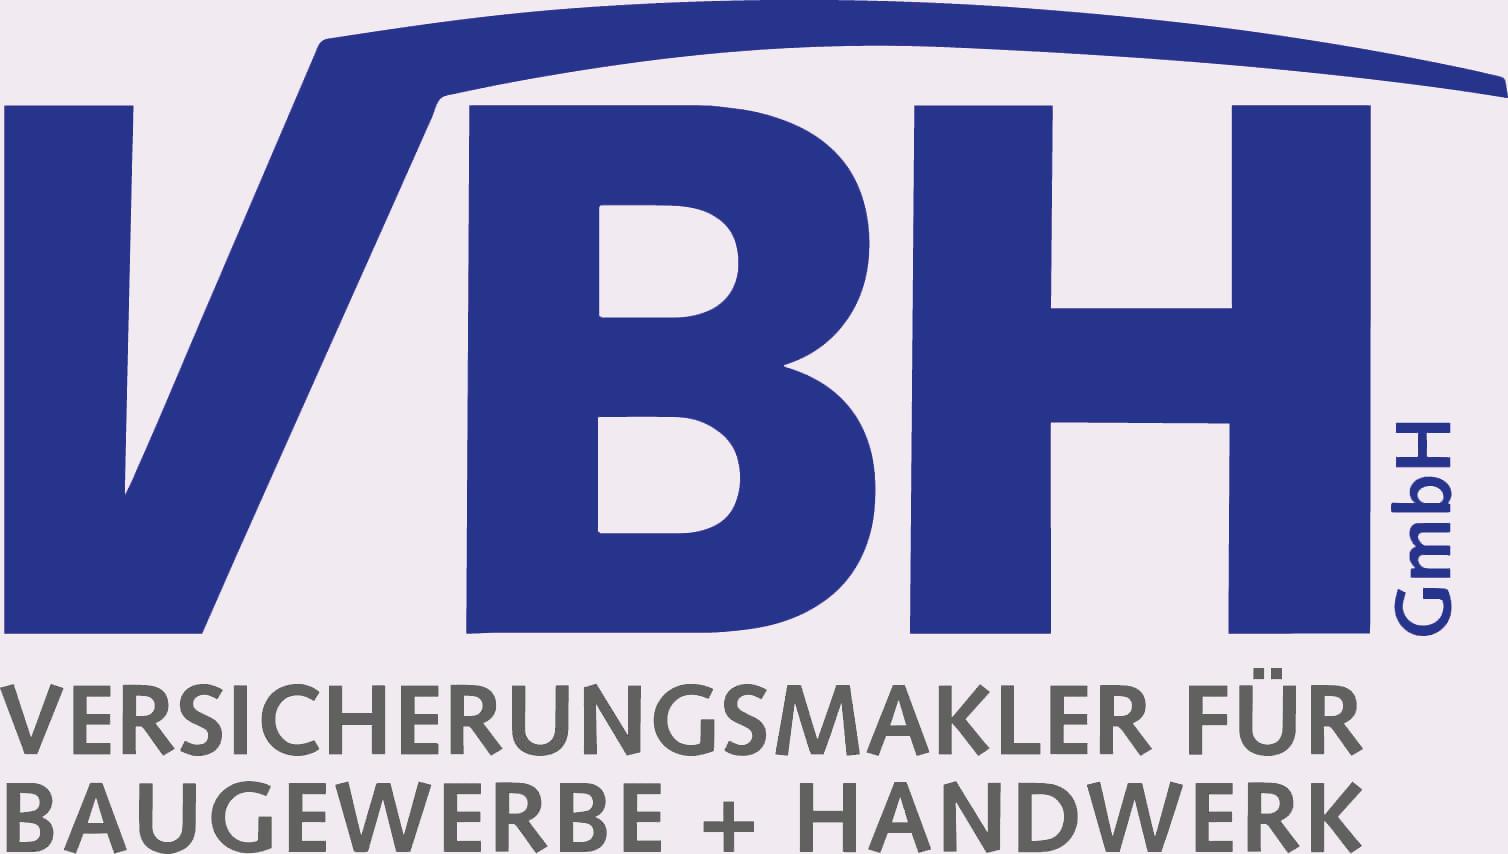 VBH Versicherungsmakler Logo